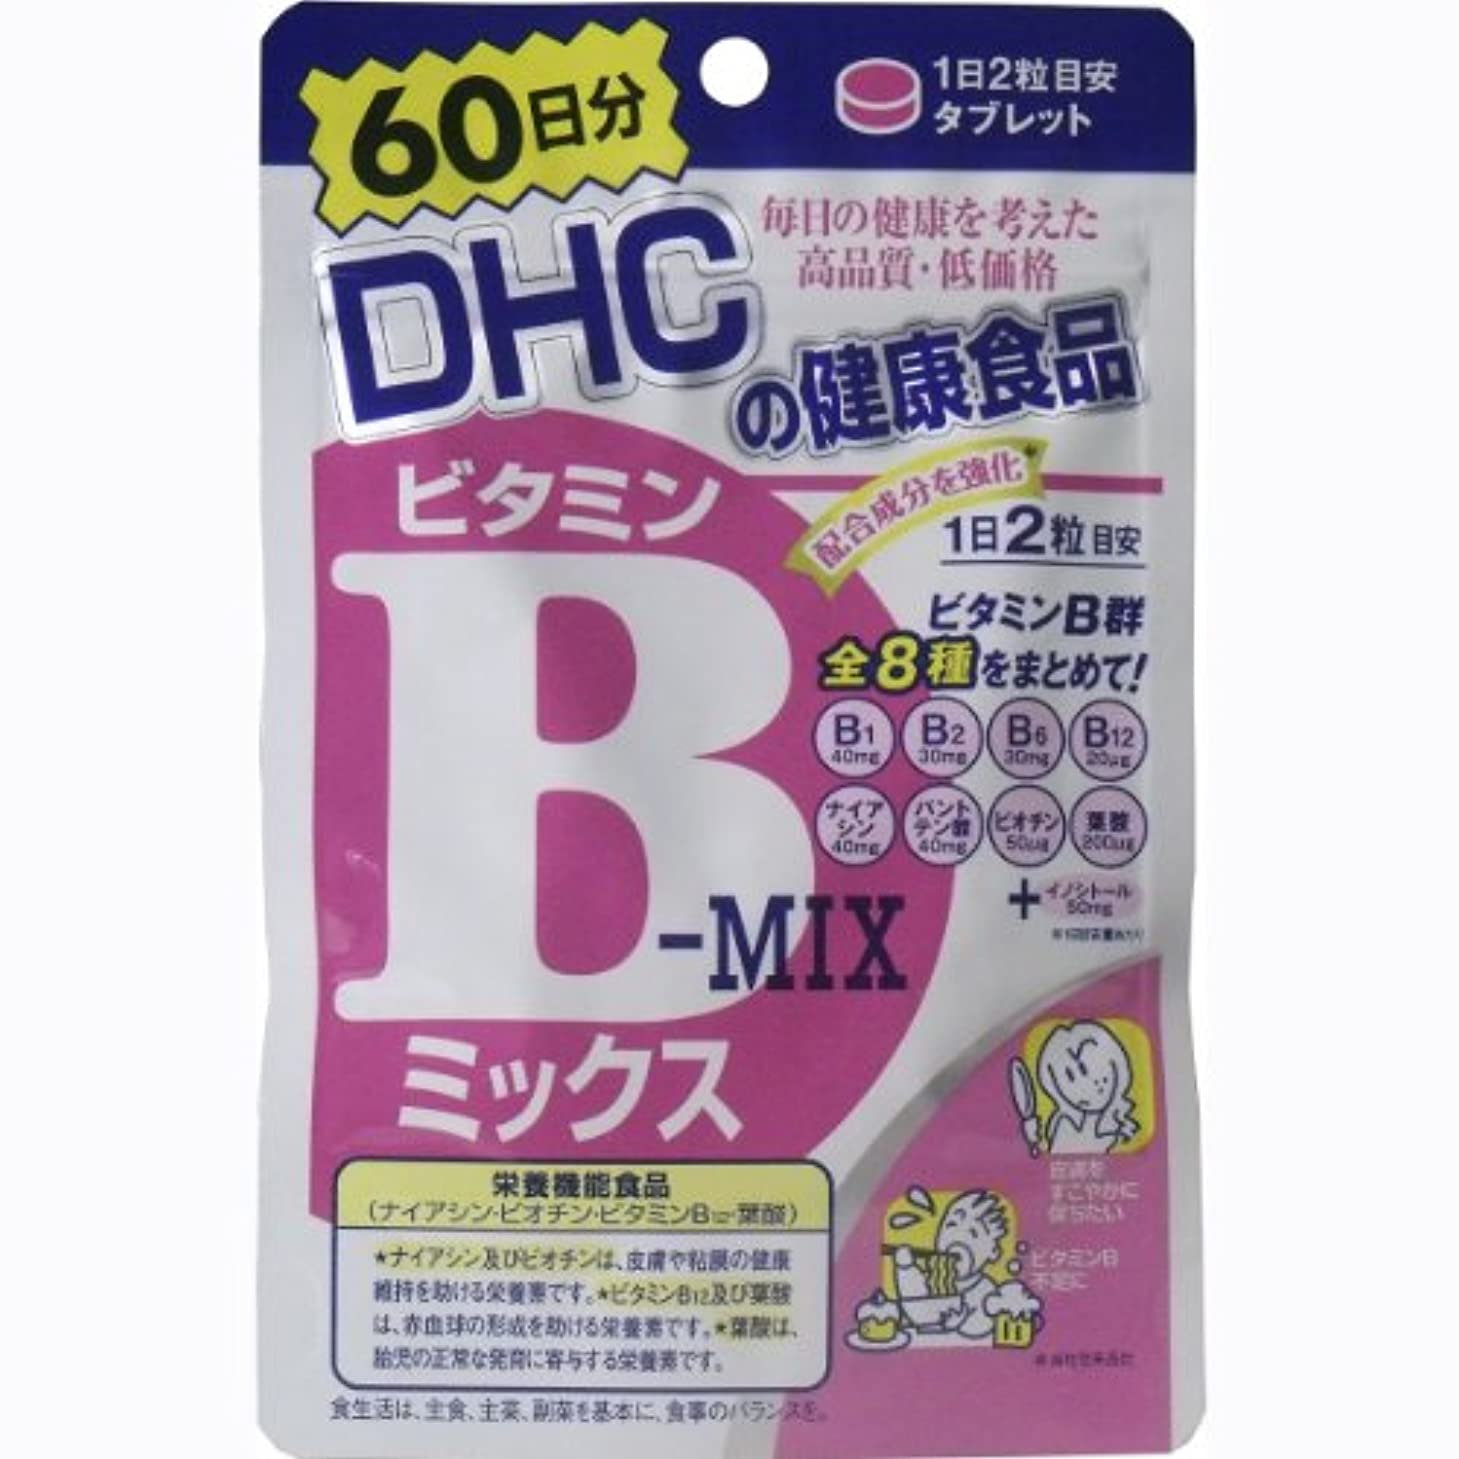 甲虫楽しいながらDHC ビタミンBミックス 60日分 120粒 ×6個セット